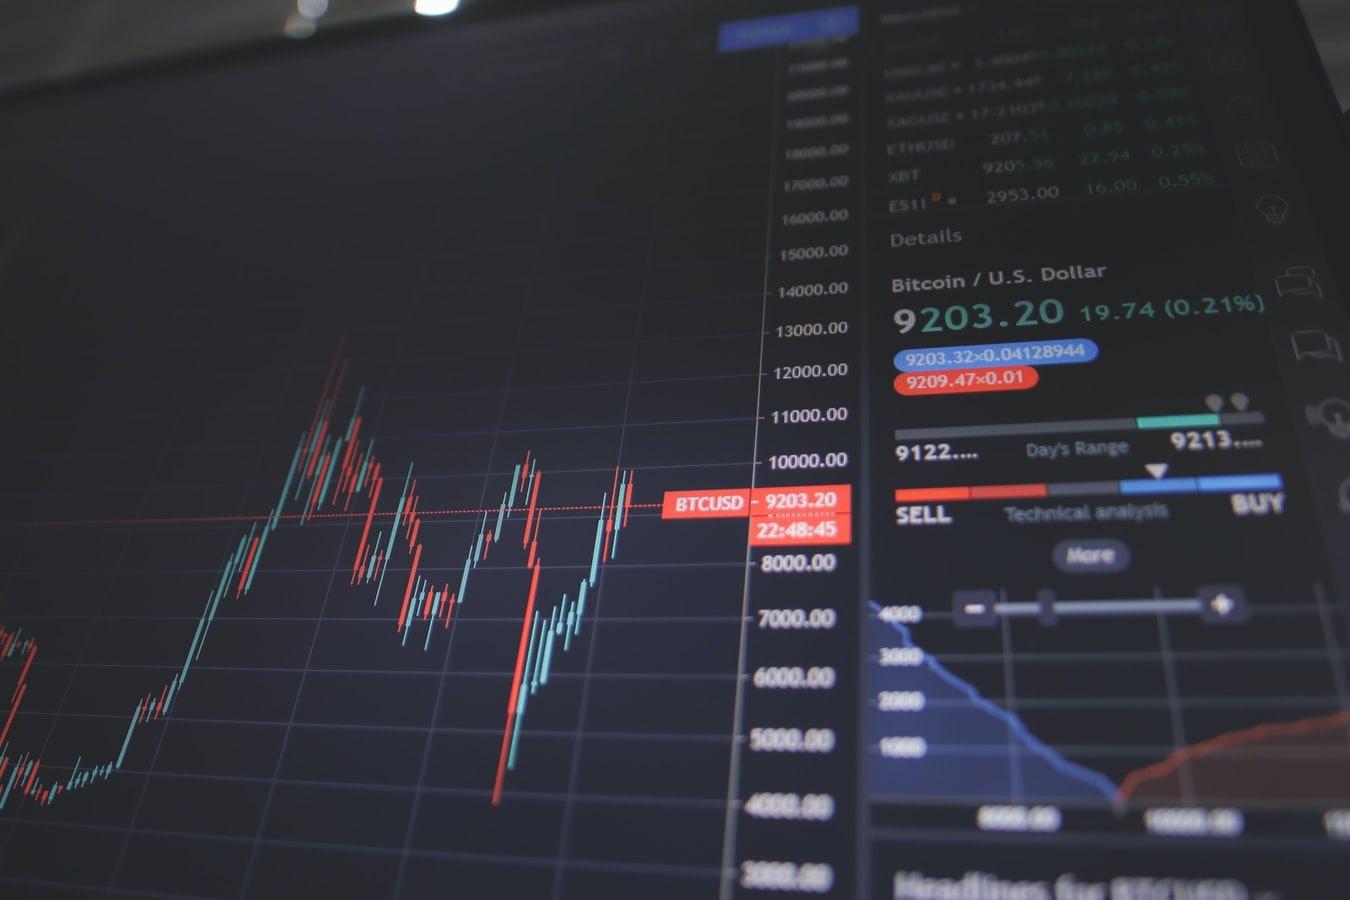 Les 12 Choses Les Plus Importantes à Connaître sur le Bitcoin - Apprenez Ici